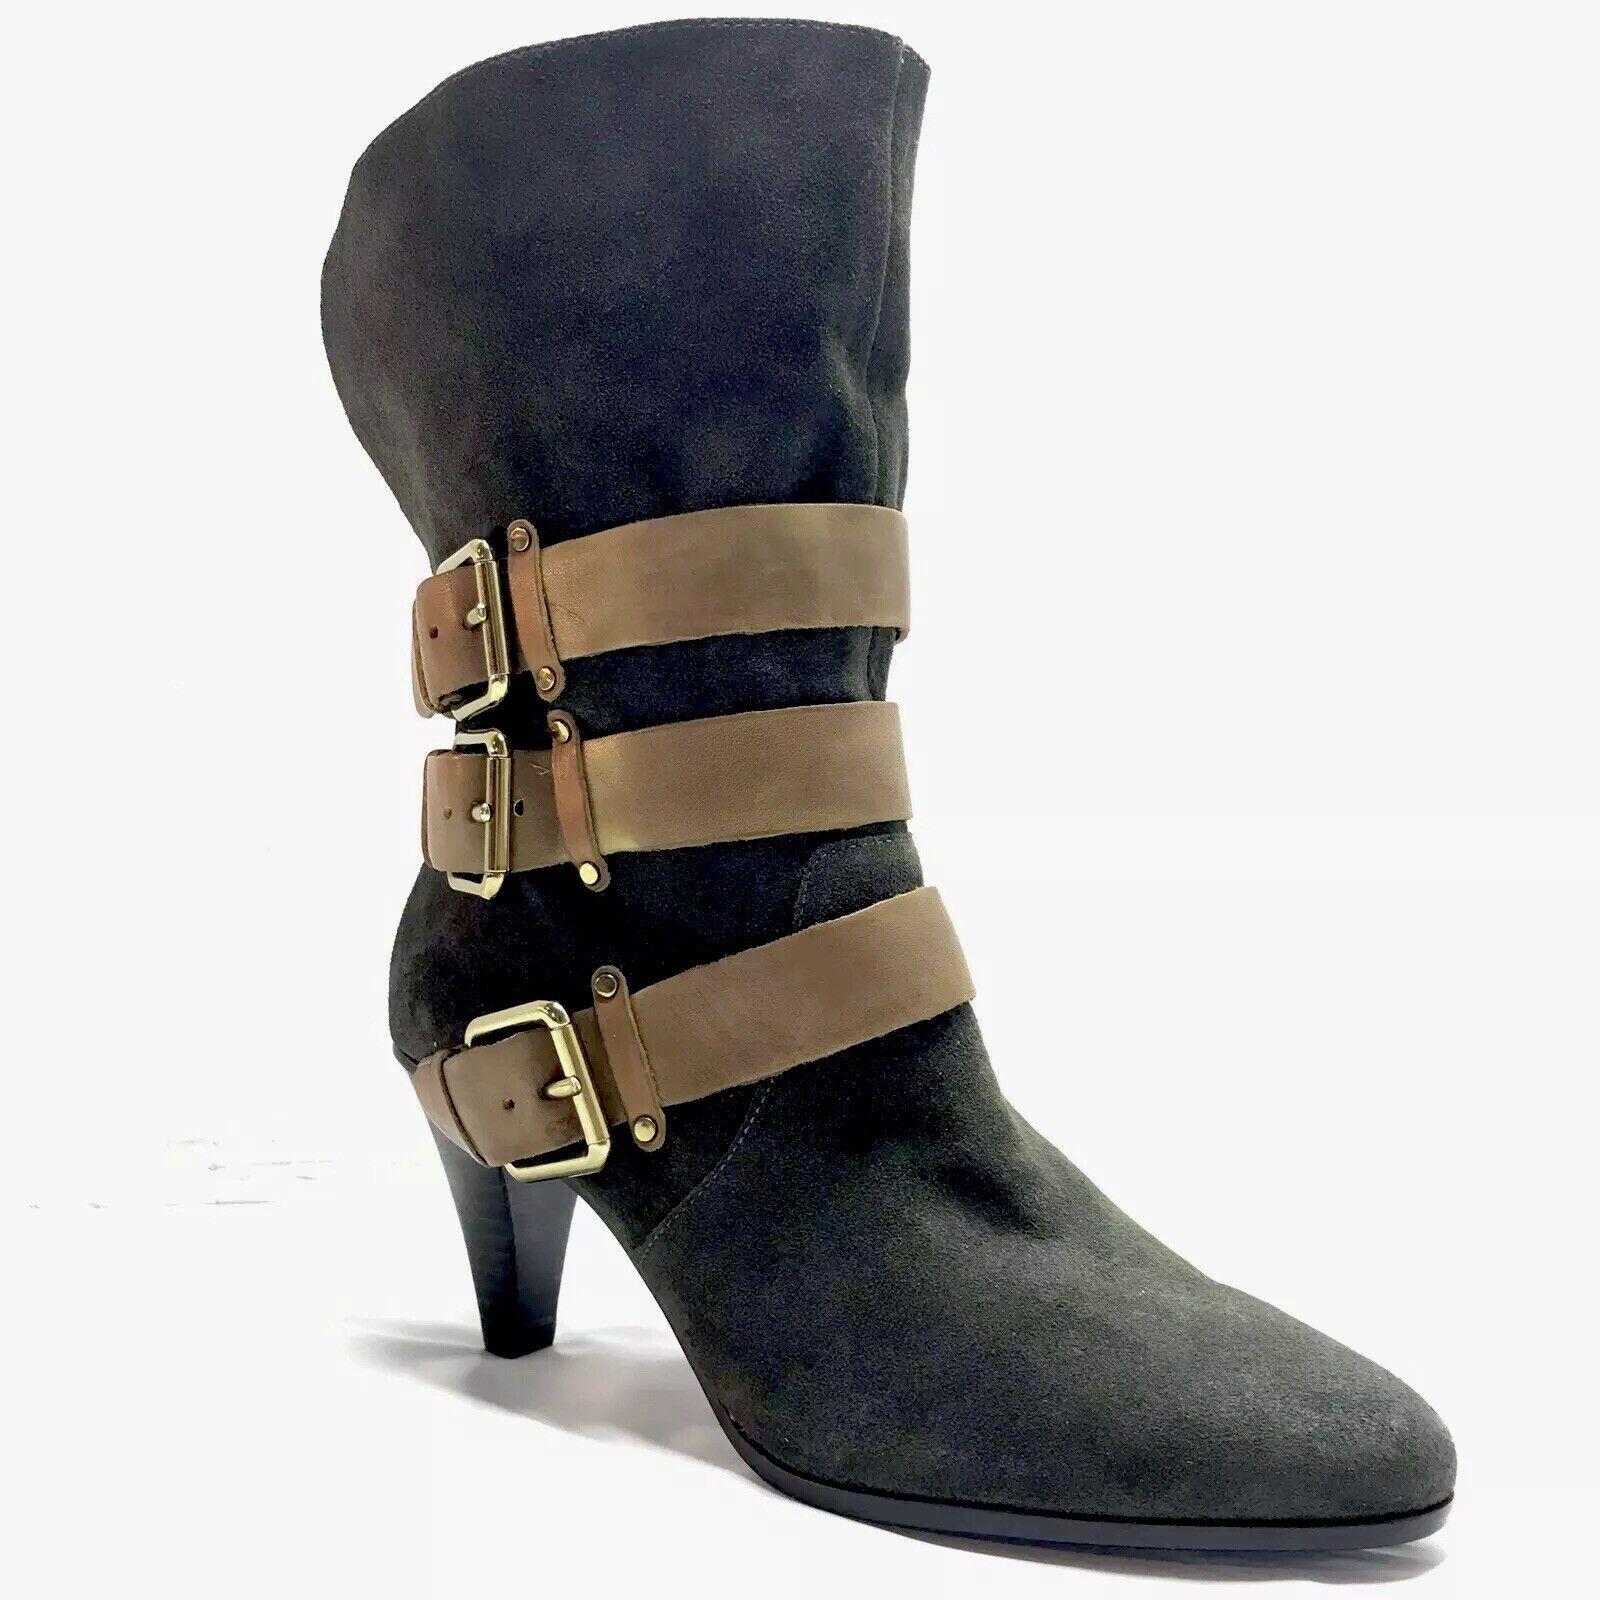 Nuevas botas Hebilla De Gamuza verde Rebecca Minkoff para mujer 9